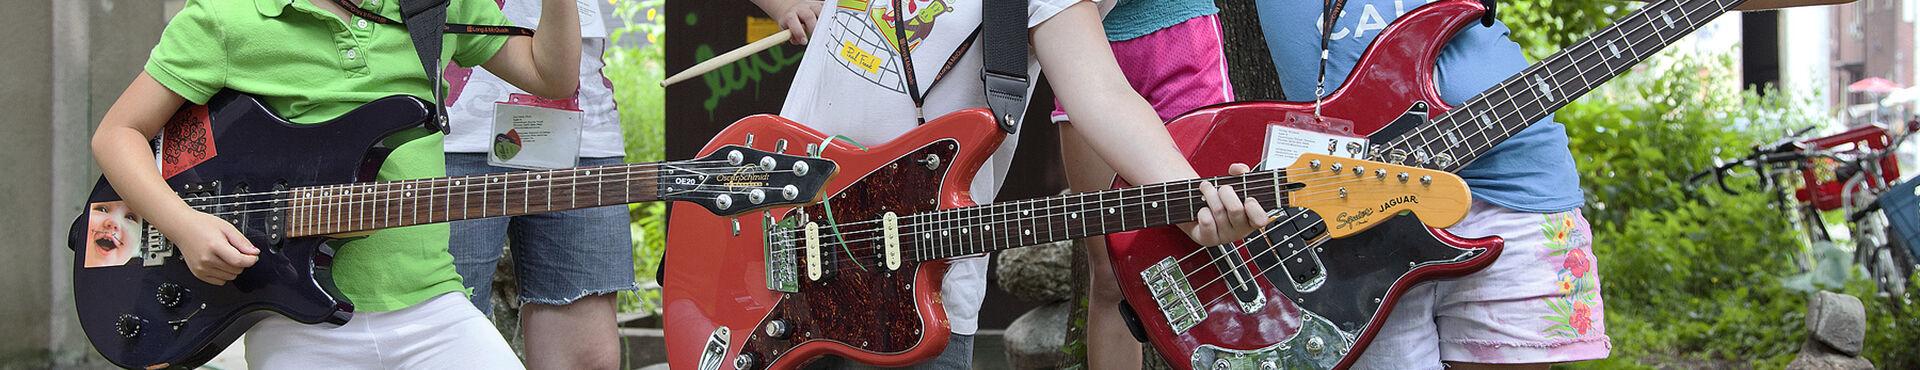 Banner - Girls Rock Camp Toronto